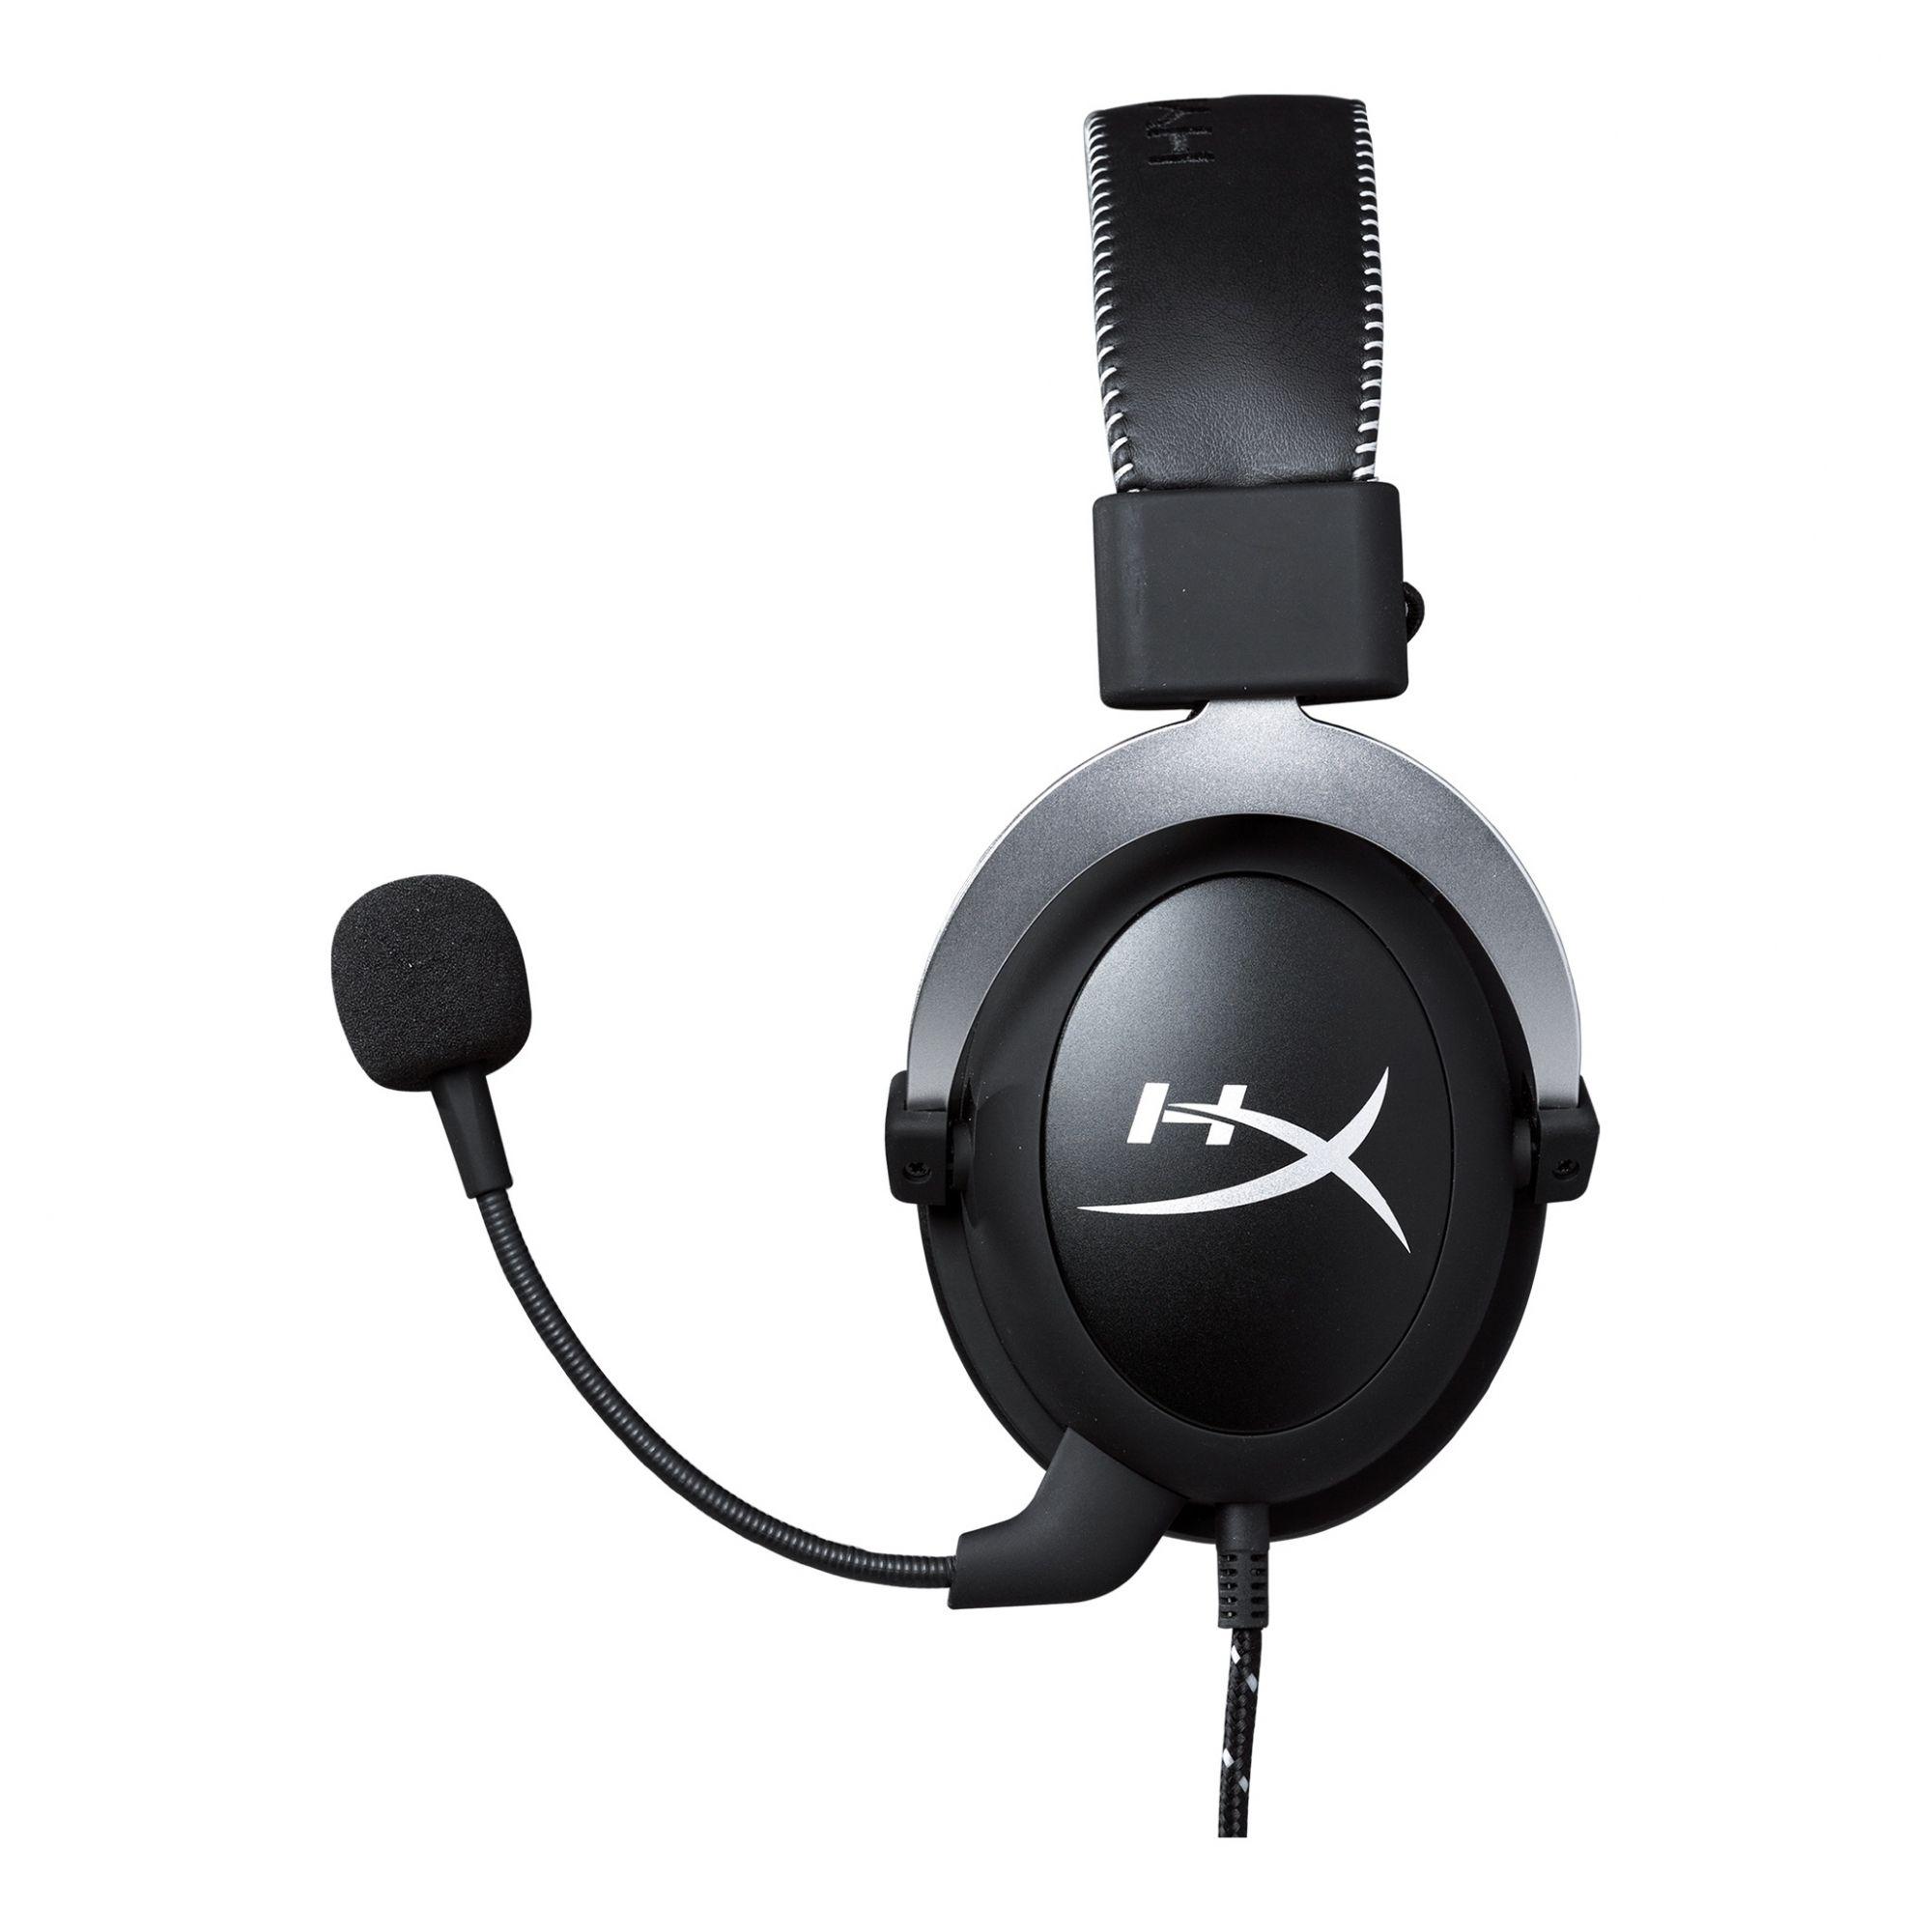 Headset Gamer Kingston HyperX Cloud - Som Surround 7.1 Virtual, Controle de áudio no cabo, Conchas auriculares intercambiáveis, Microfone com anulação de ruído destacável - HX-HSCL-SR - Preto/Cinza